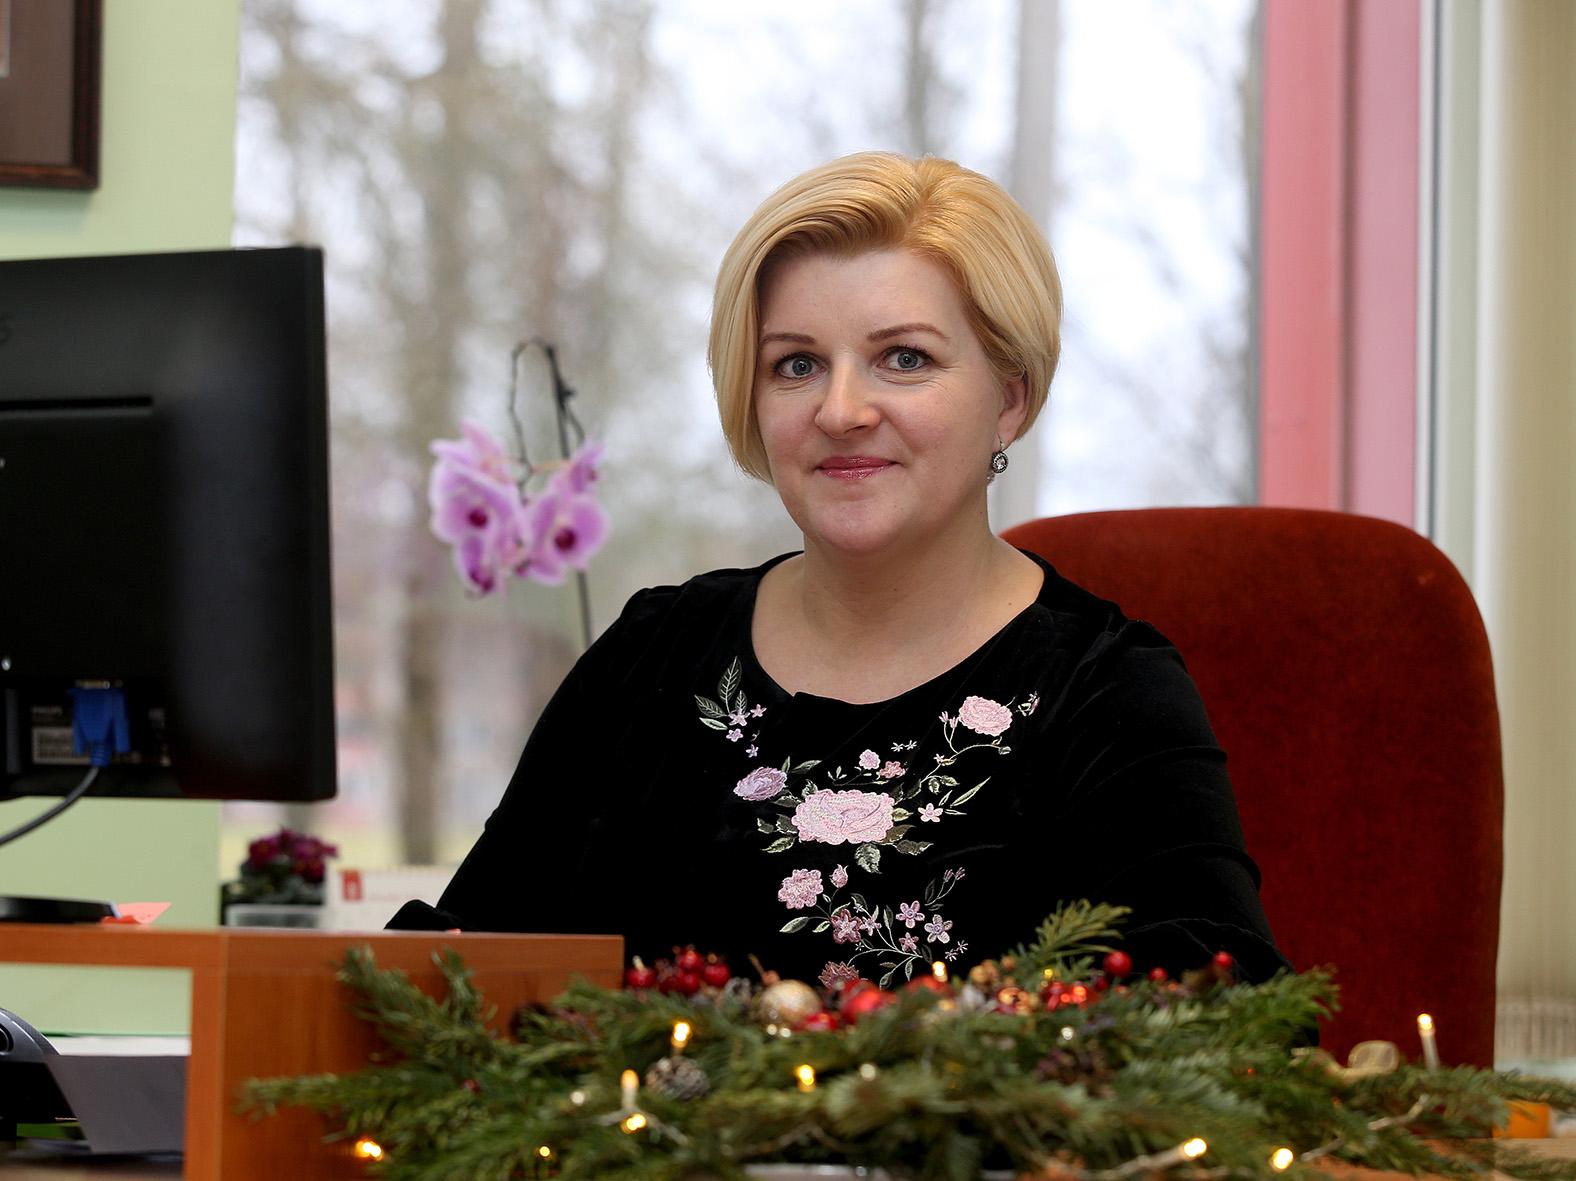 Surviliškietė Irma Kriščiūnienė gimė gruodžio 31-ąją, Naujųjų metų išvakarėse./ A. Barzdžiaus nuotr.